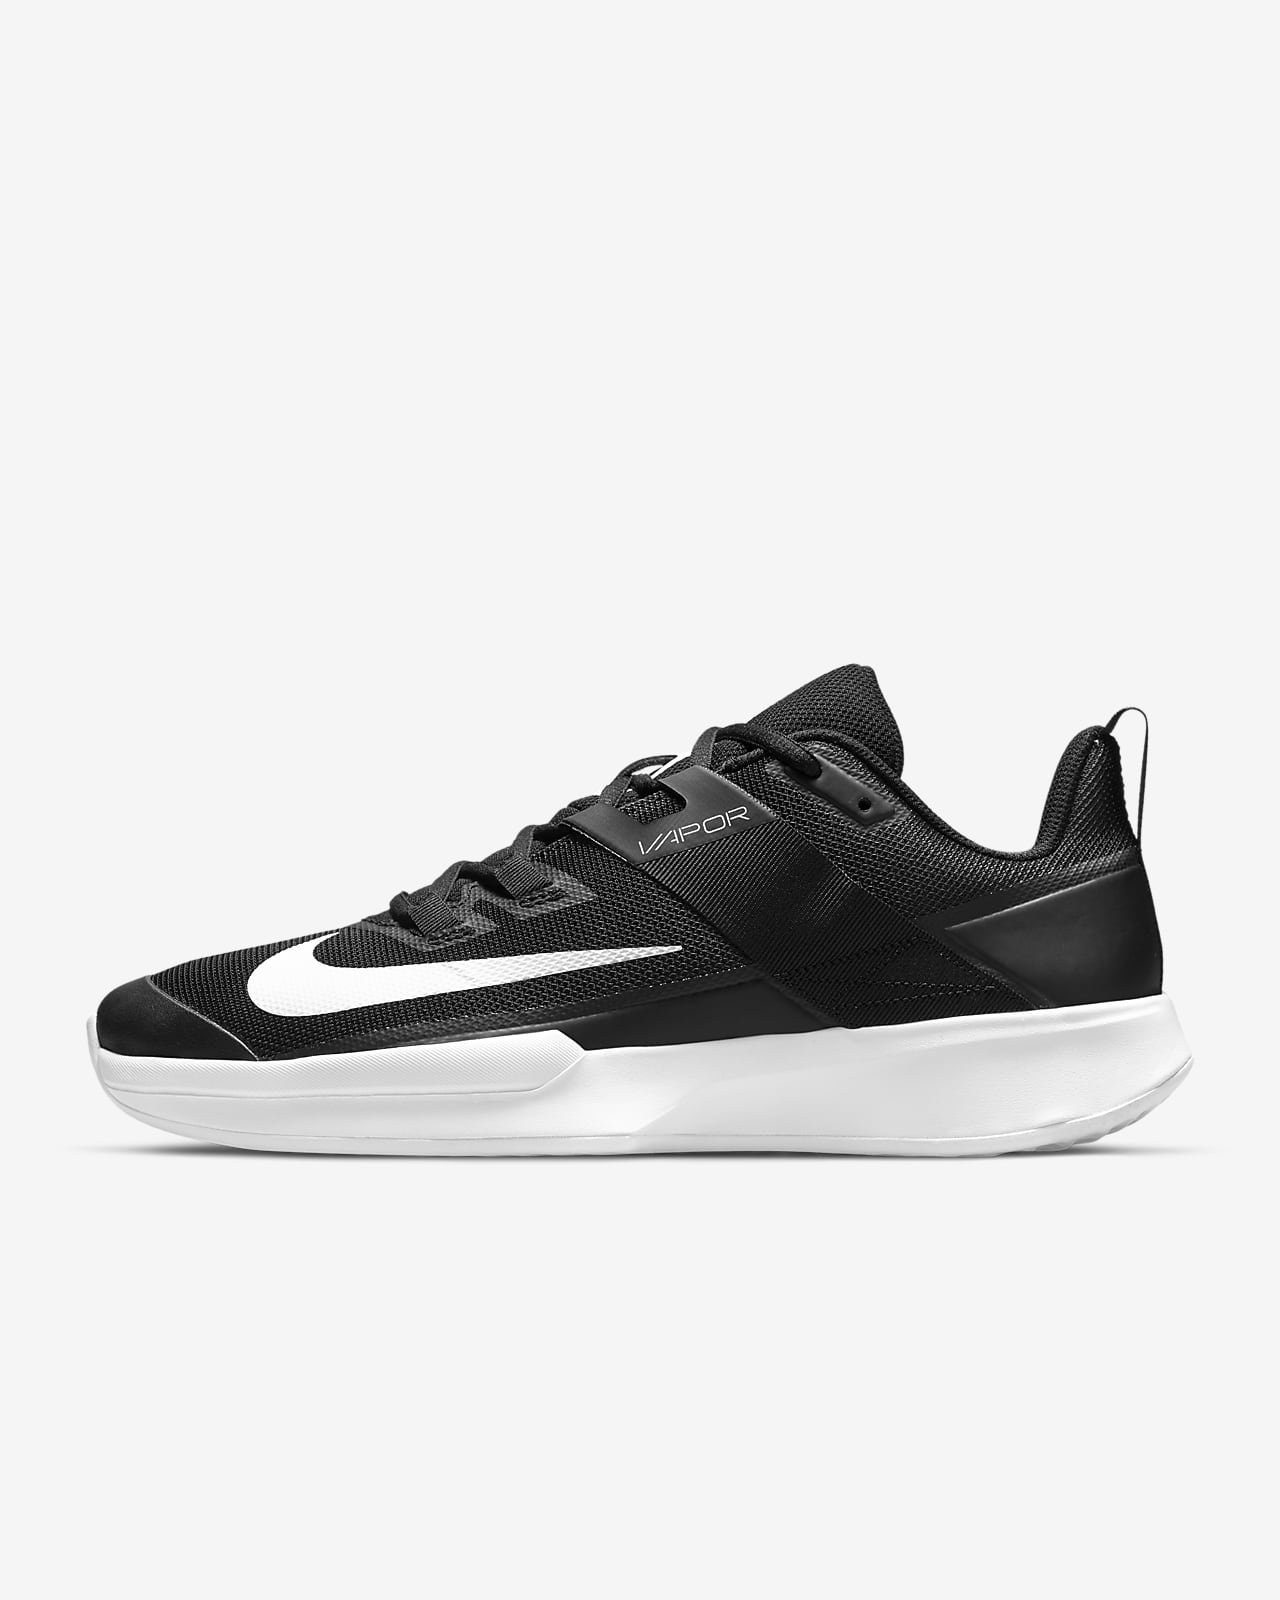 Calzado de tenis para cancha dura para hombre NikeCourt Vapor Lite